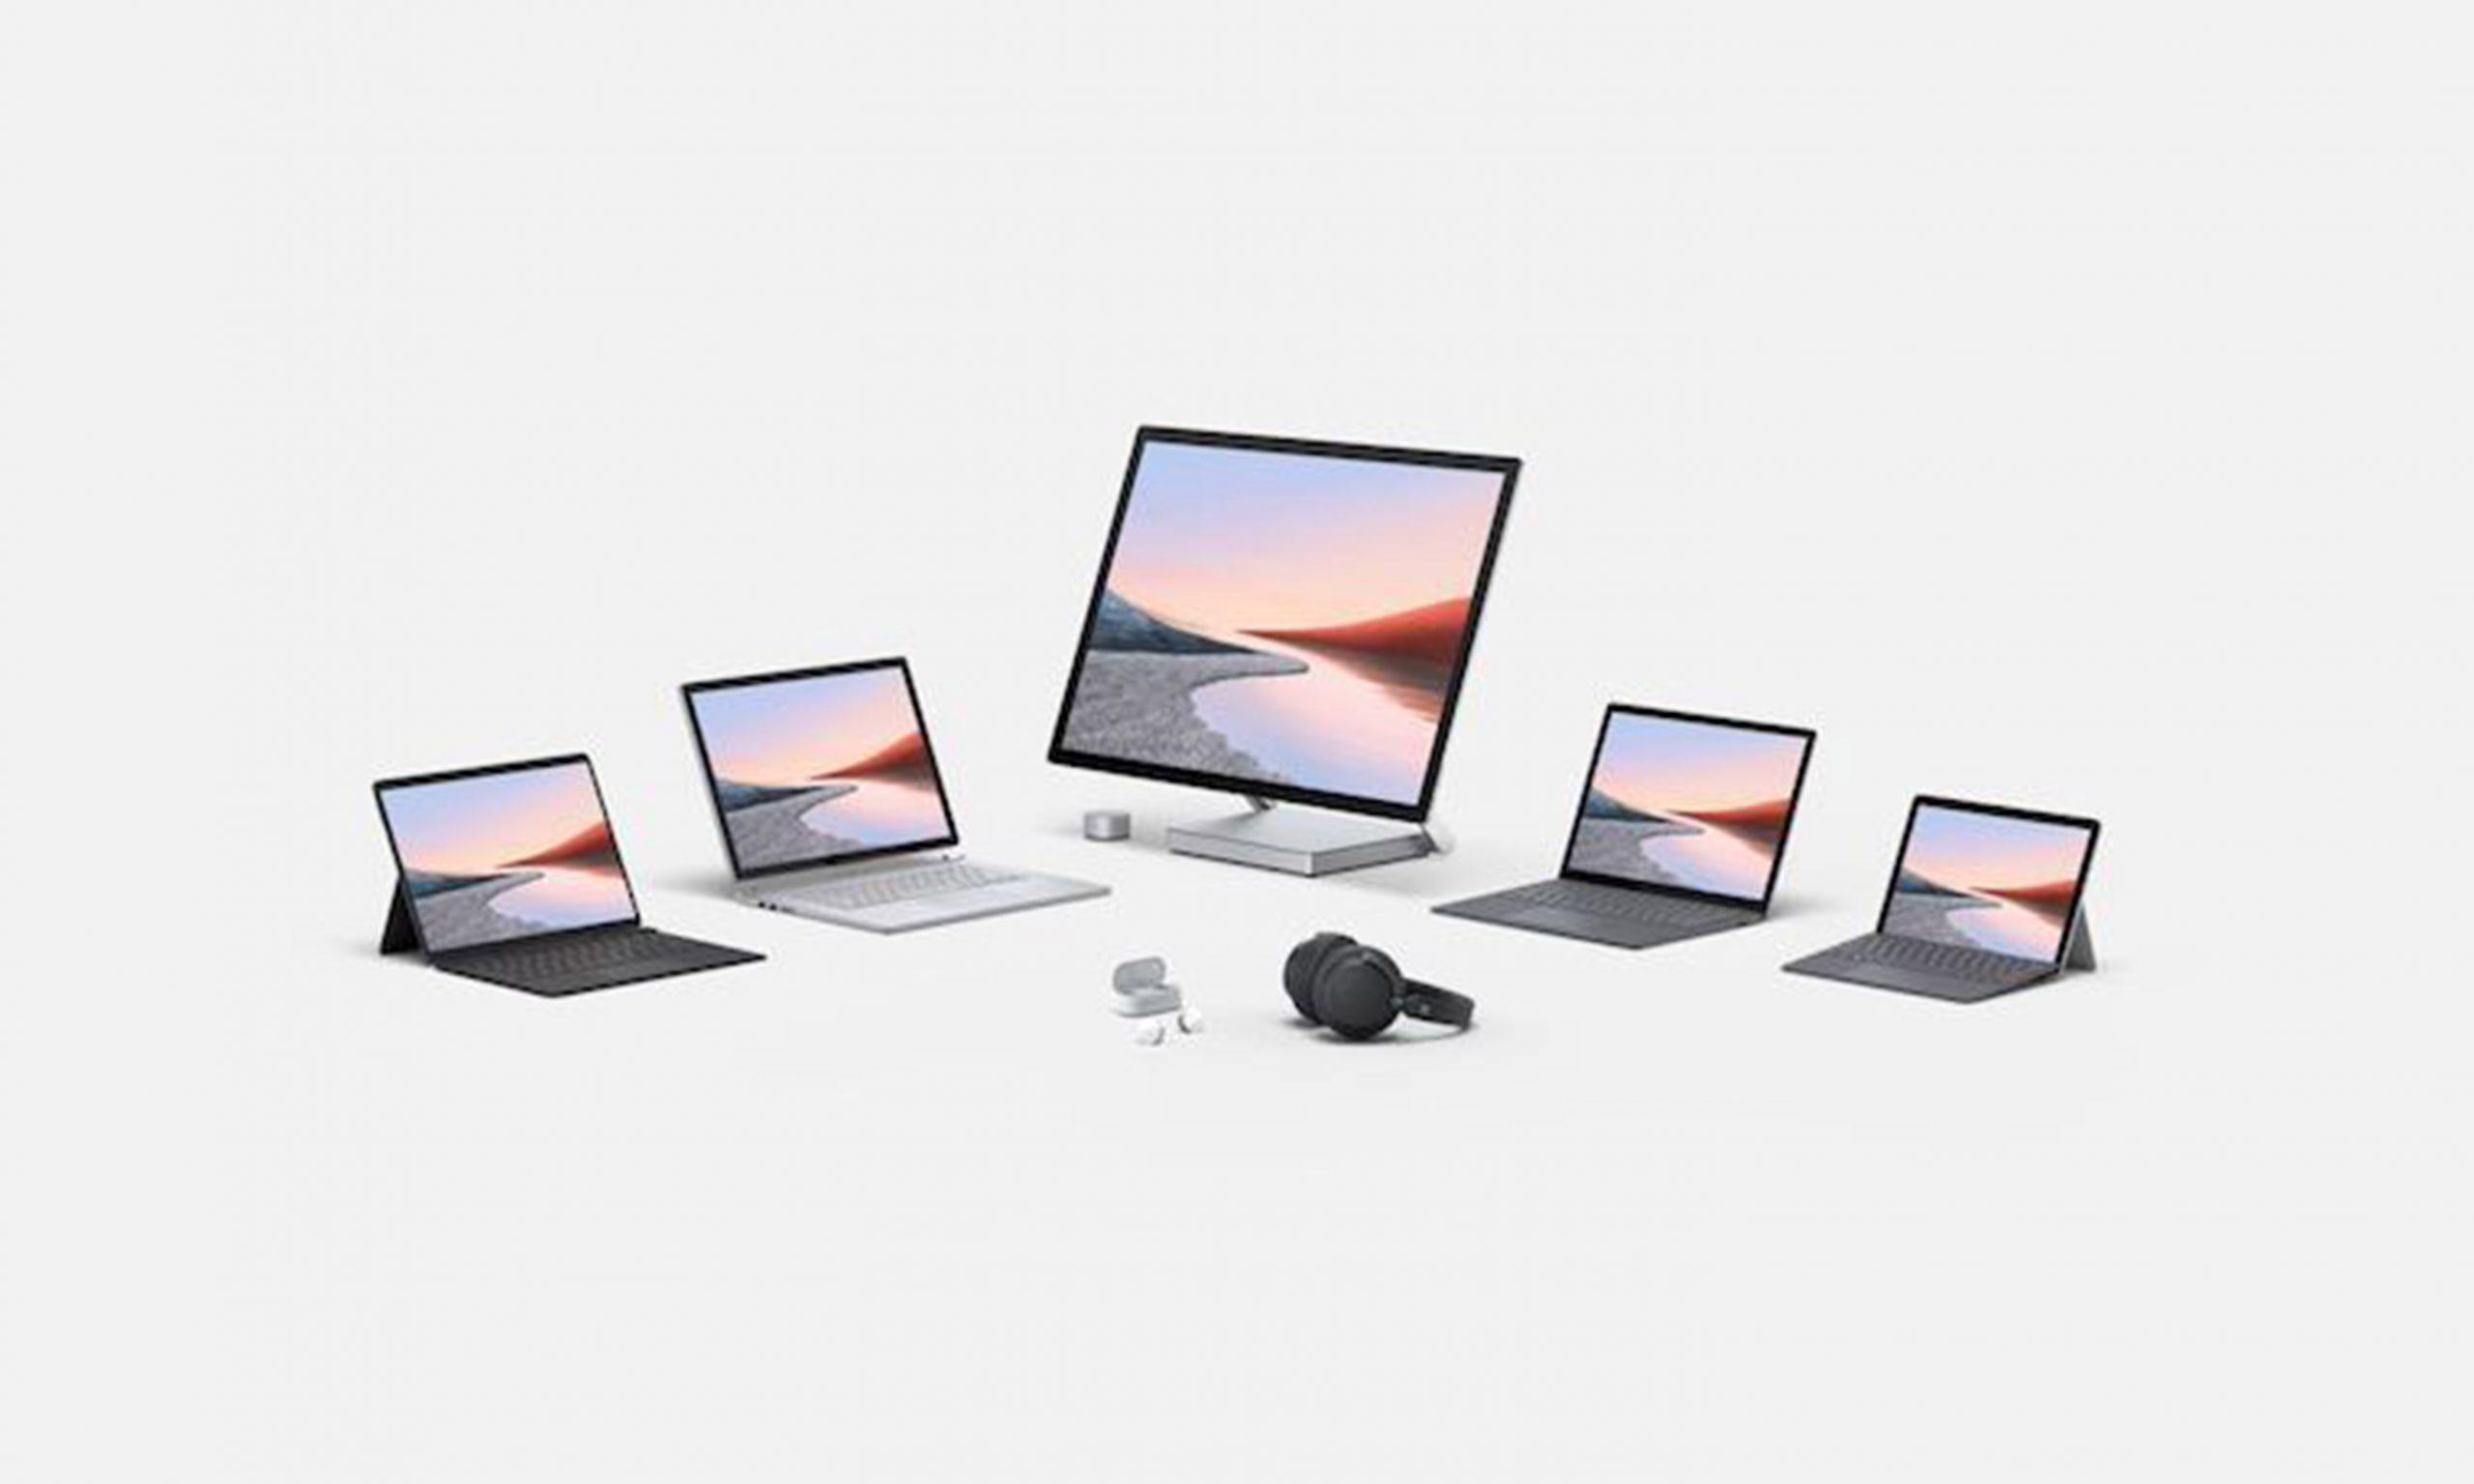 微软全家桶更新,带来多款全新产品